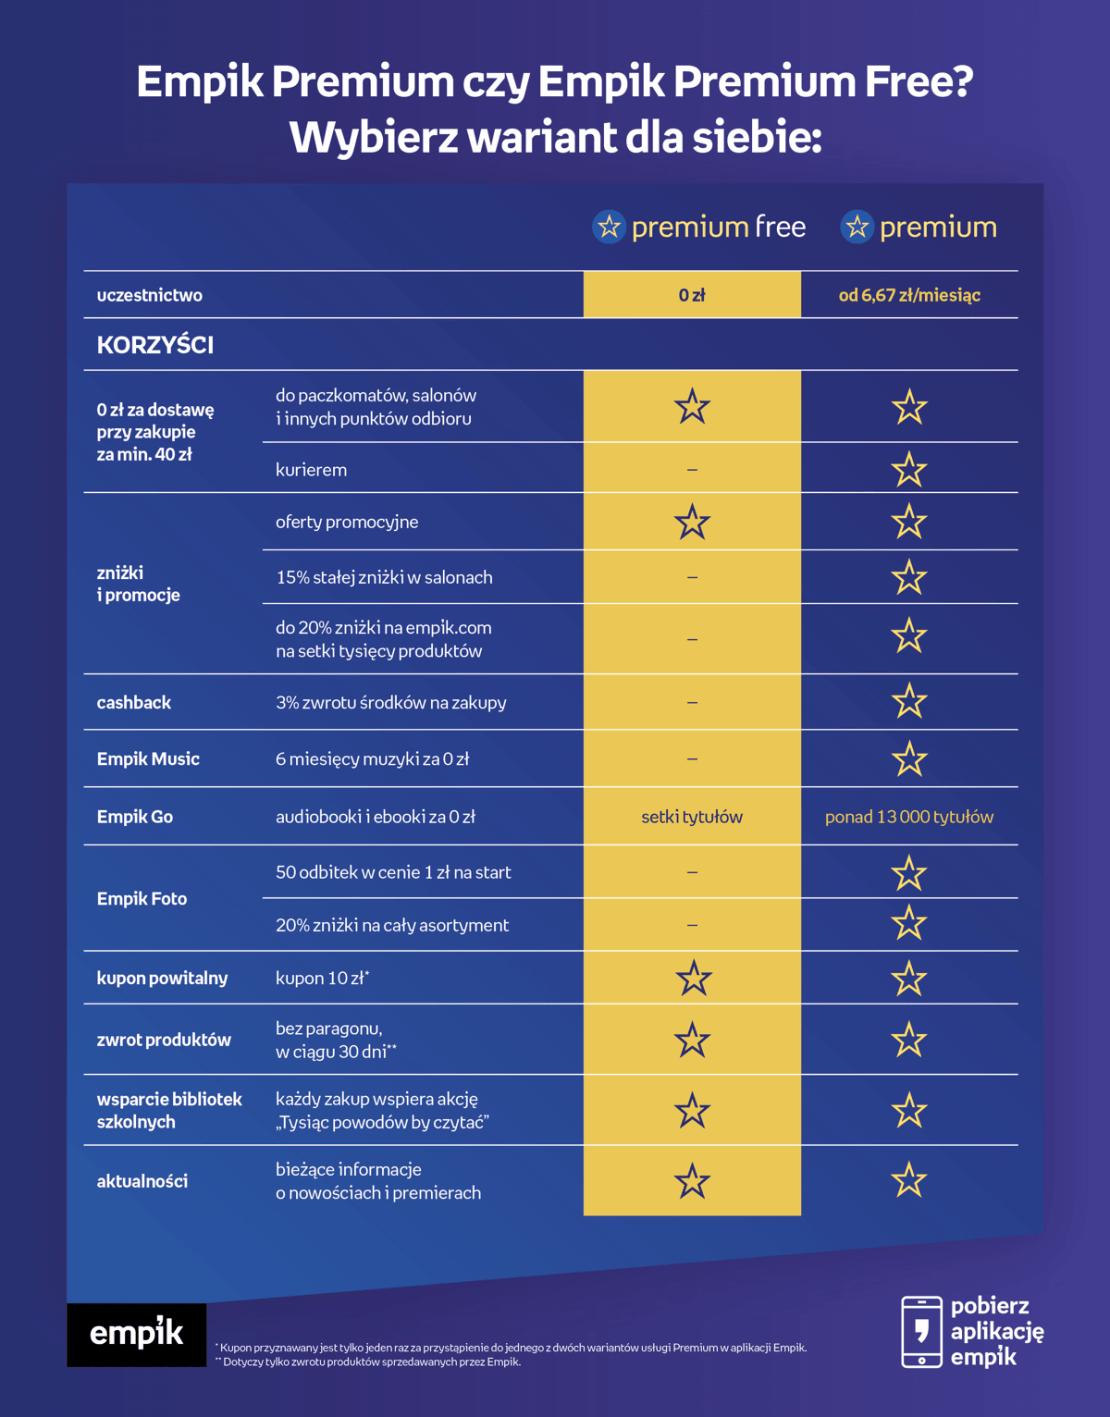 Porównanie pakietów Empik Premium Free (bezpłatny) z Empik Premium (płatny)